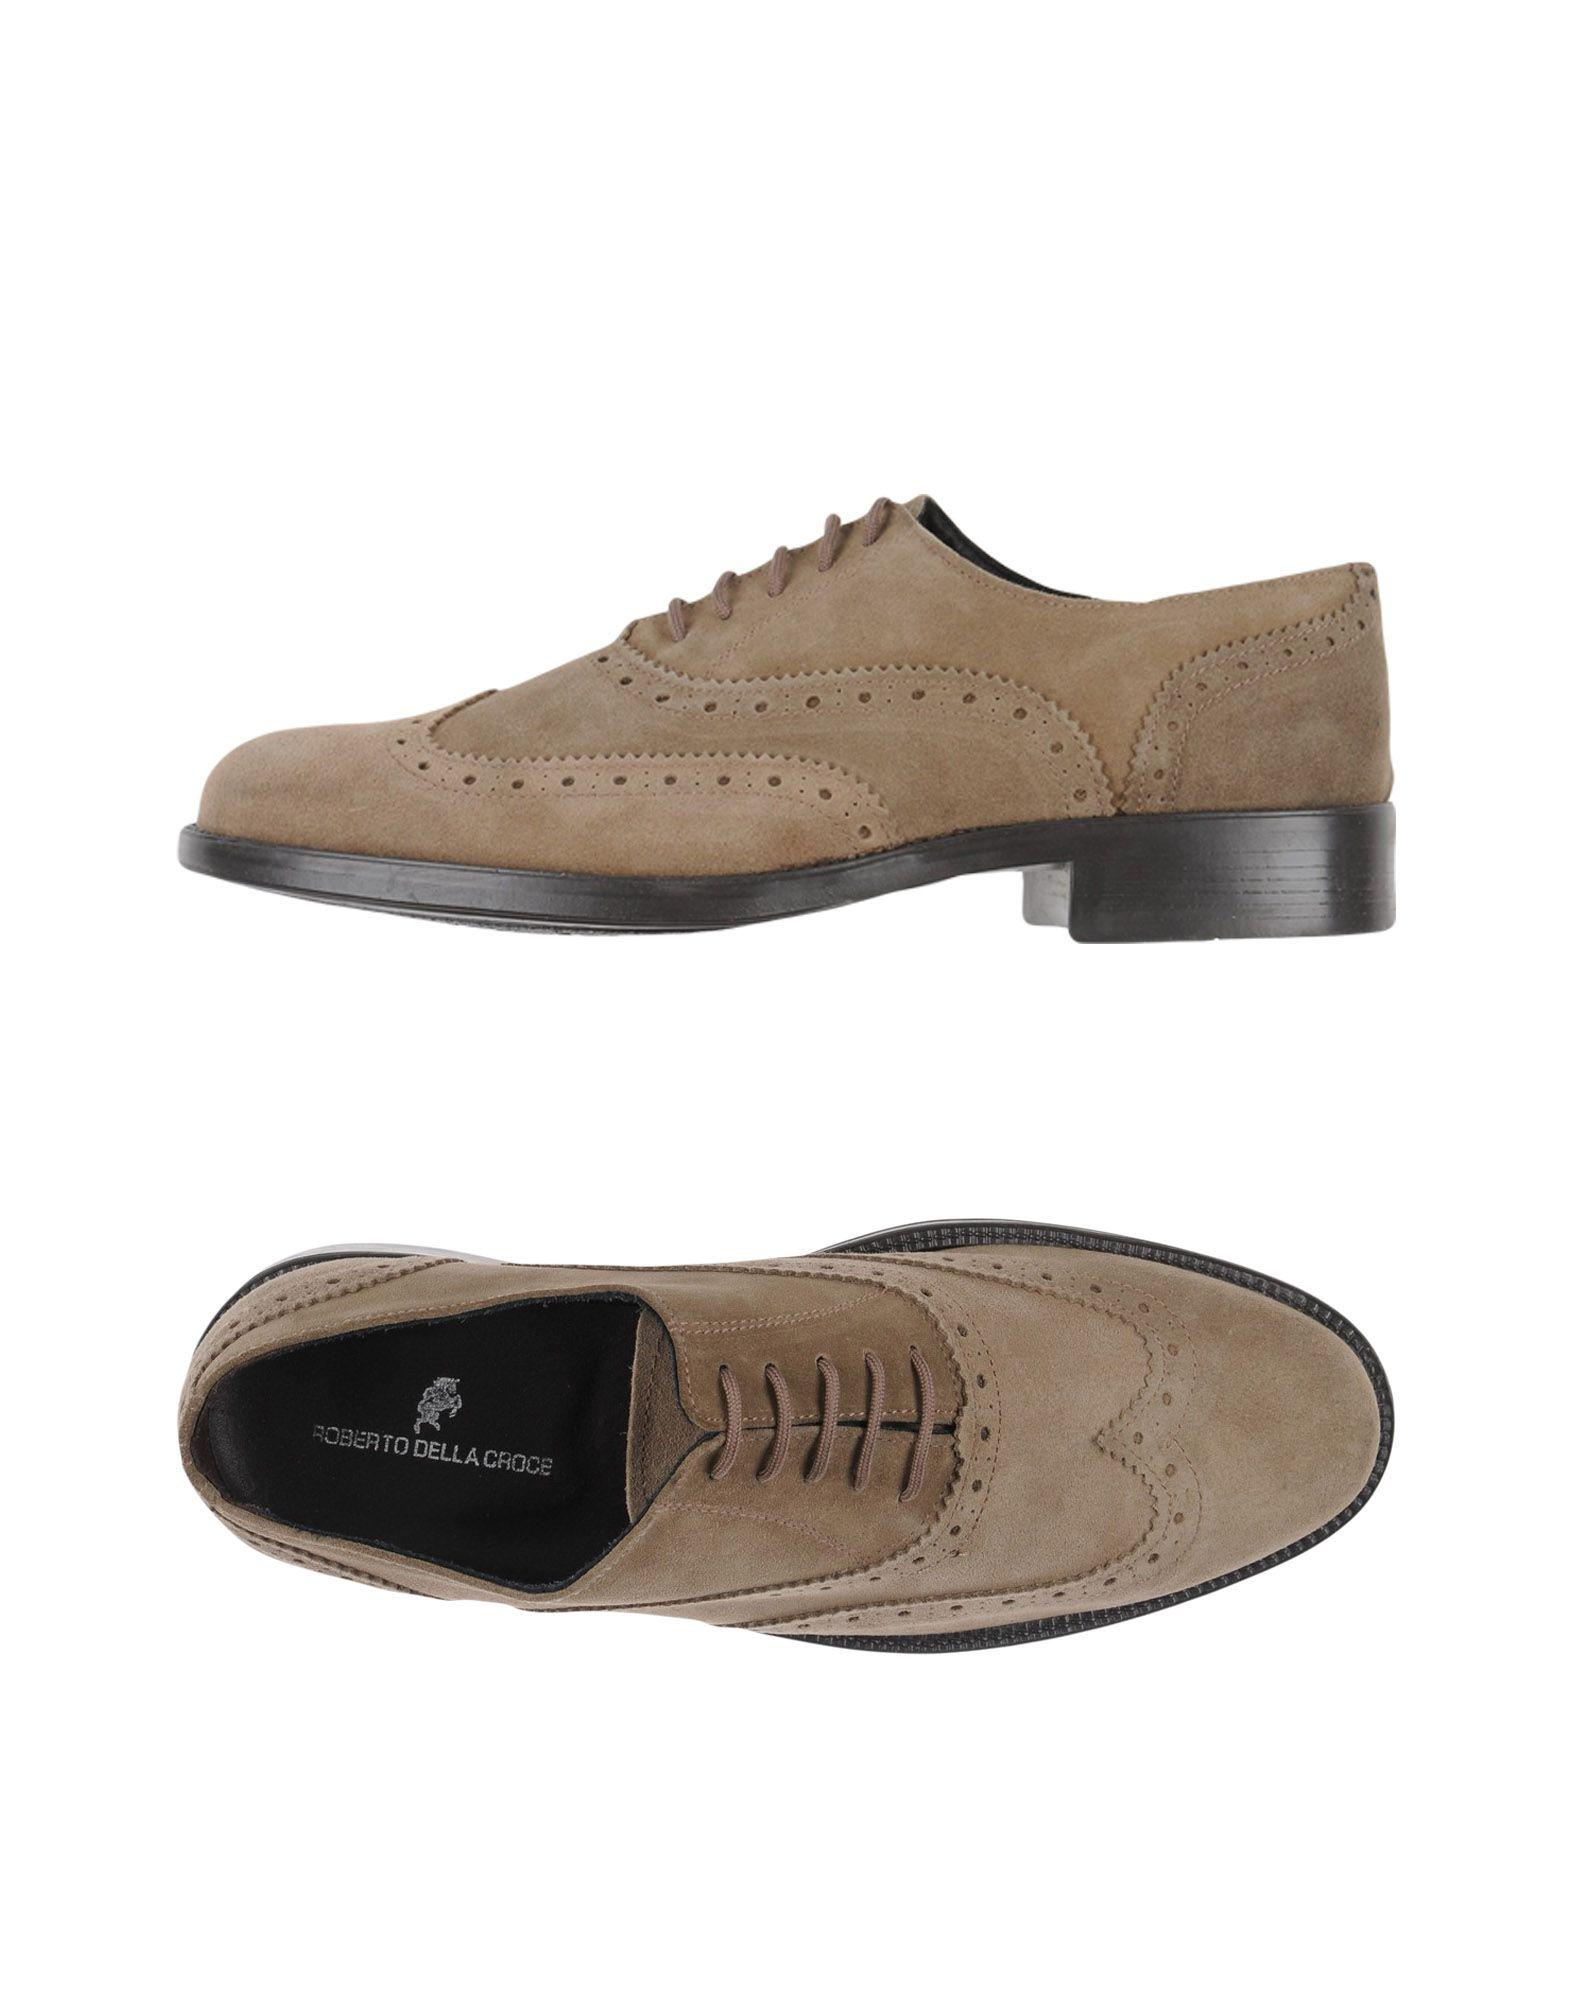 Chaussures À Lacets Roberto Della Croce Homme - Chaussures À Lacets Roberto Della Croce sur